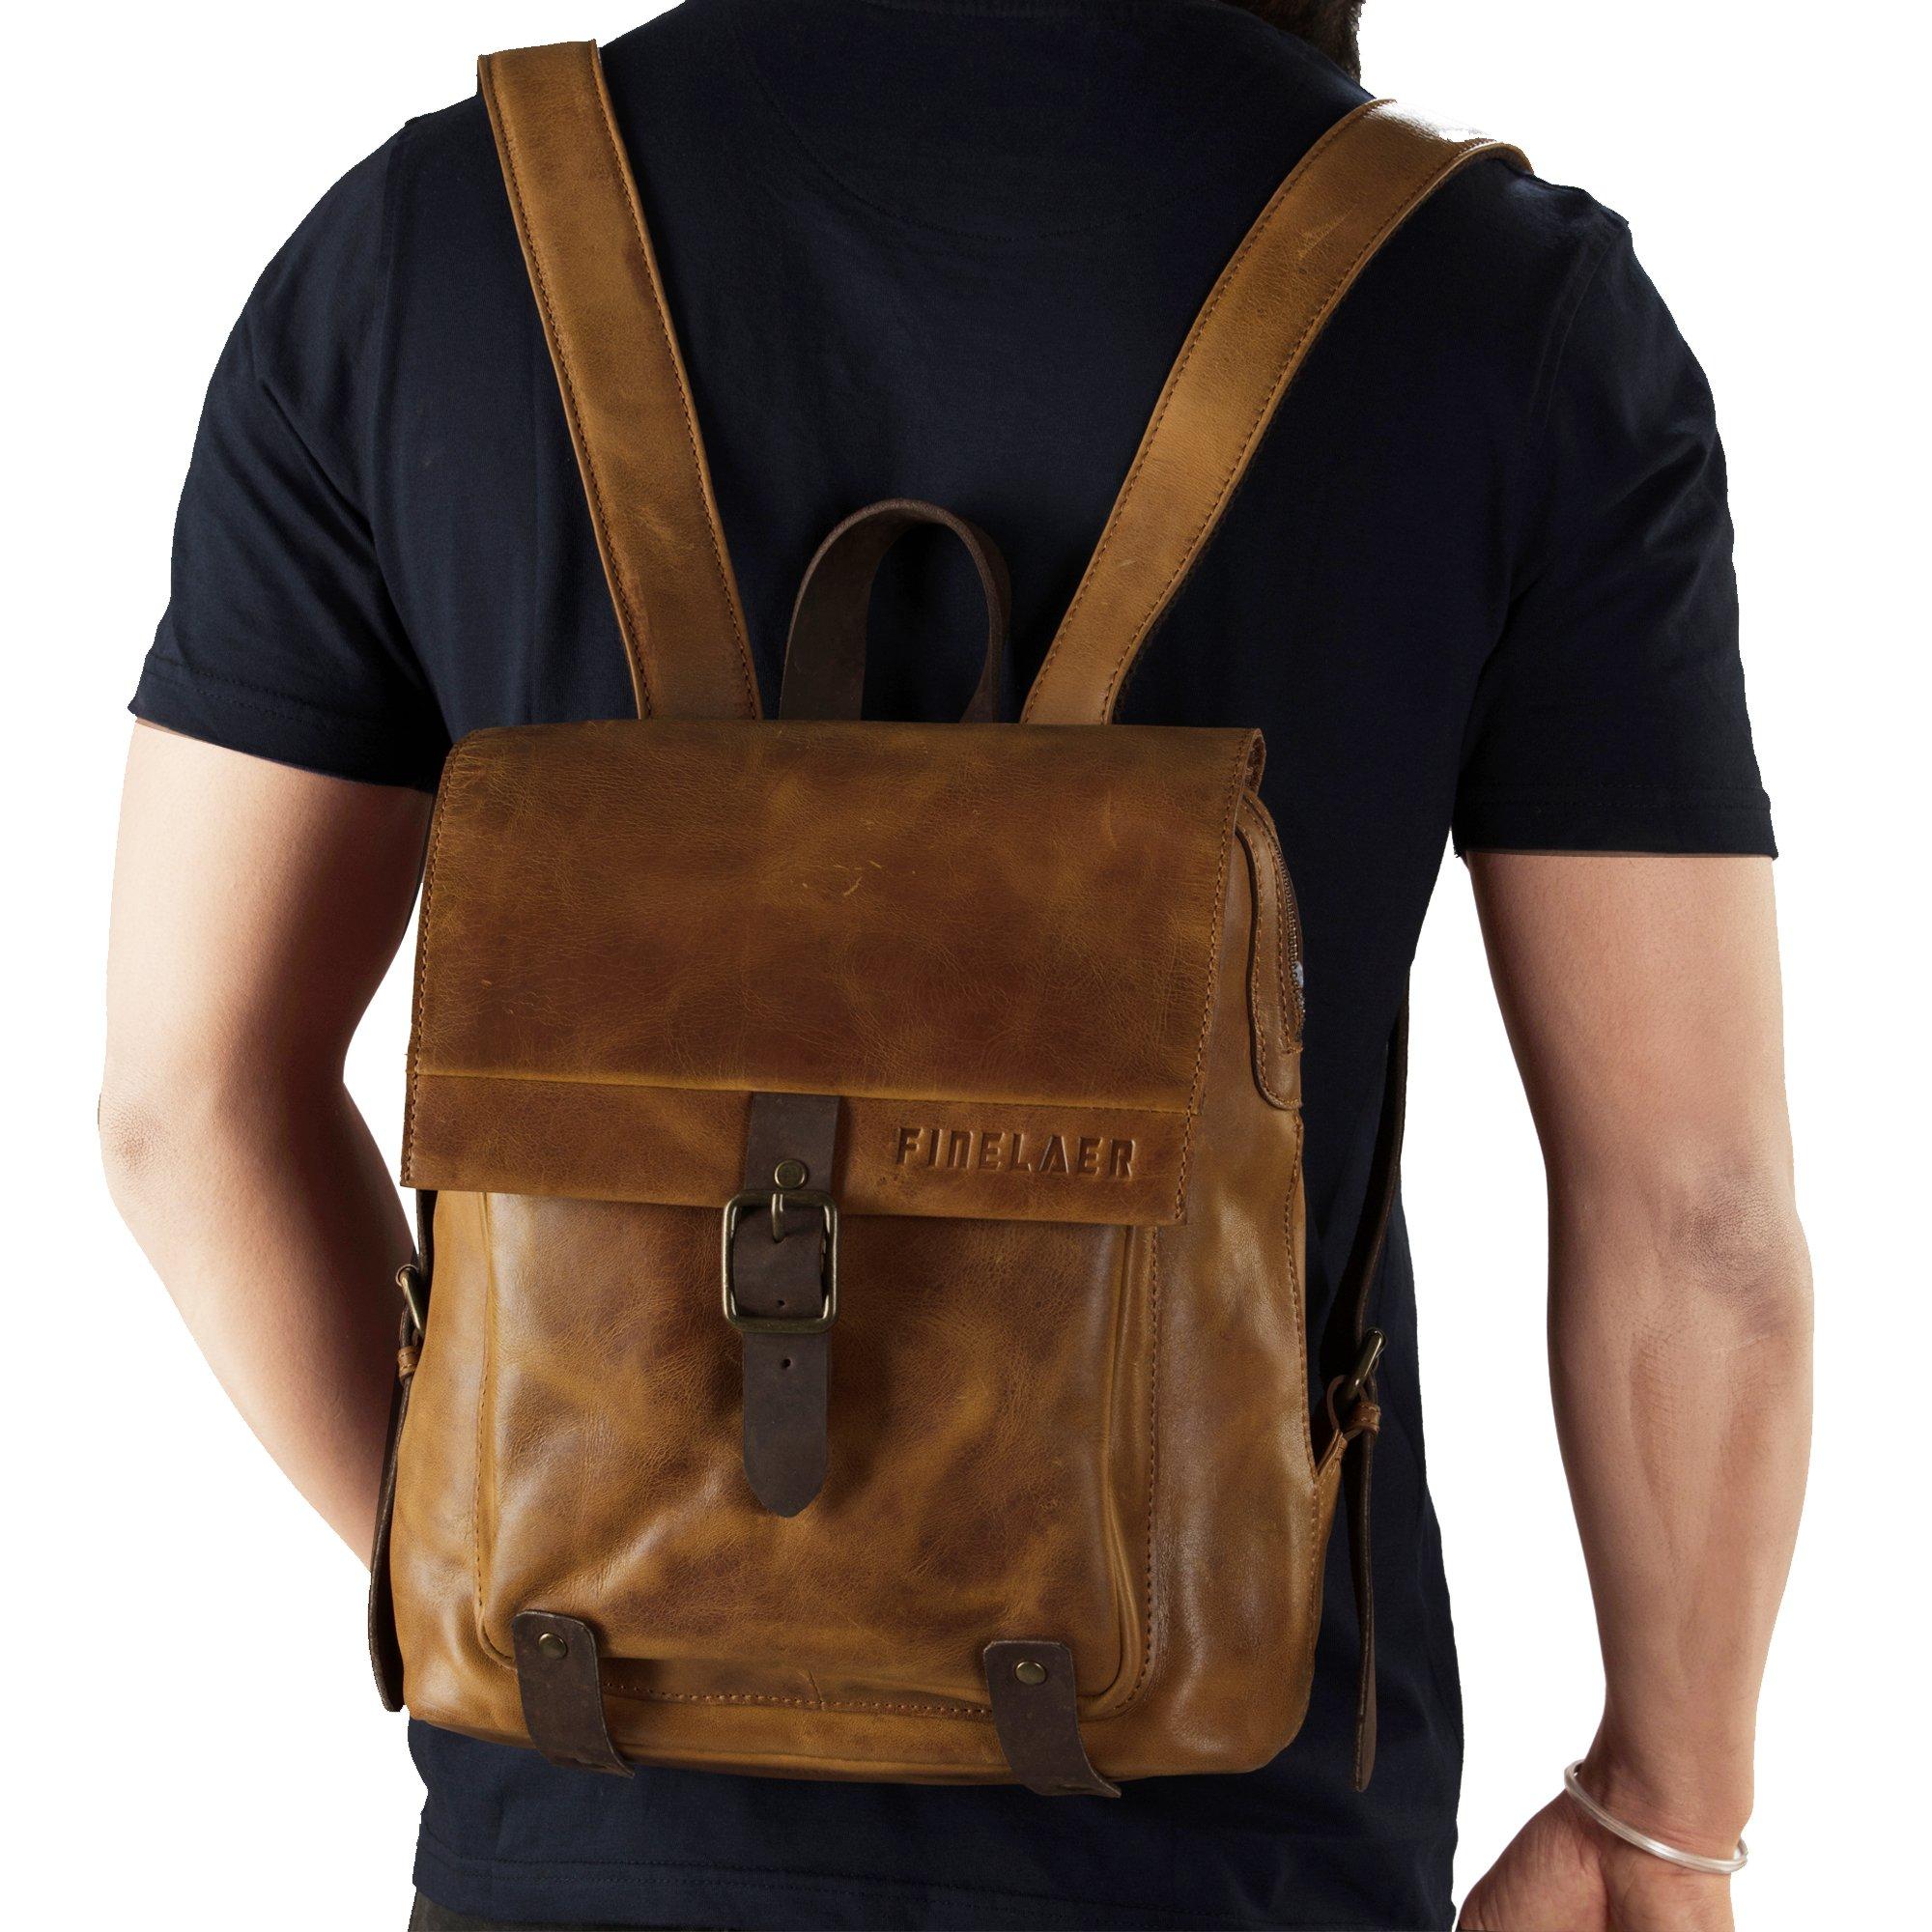 Finelaer Vintage Genuine Leather Backpack DayPack Travel College Bag Brown Men Women by FINELAER (Image #2)